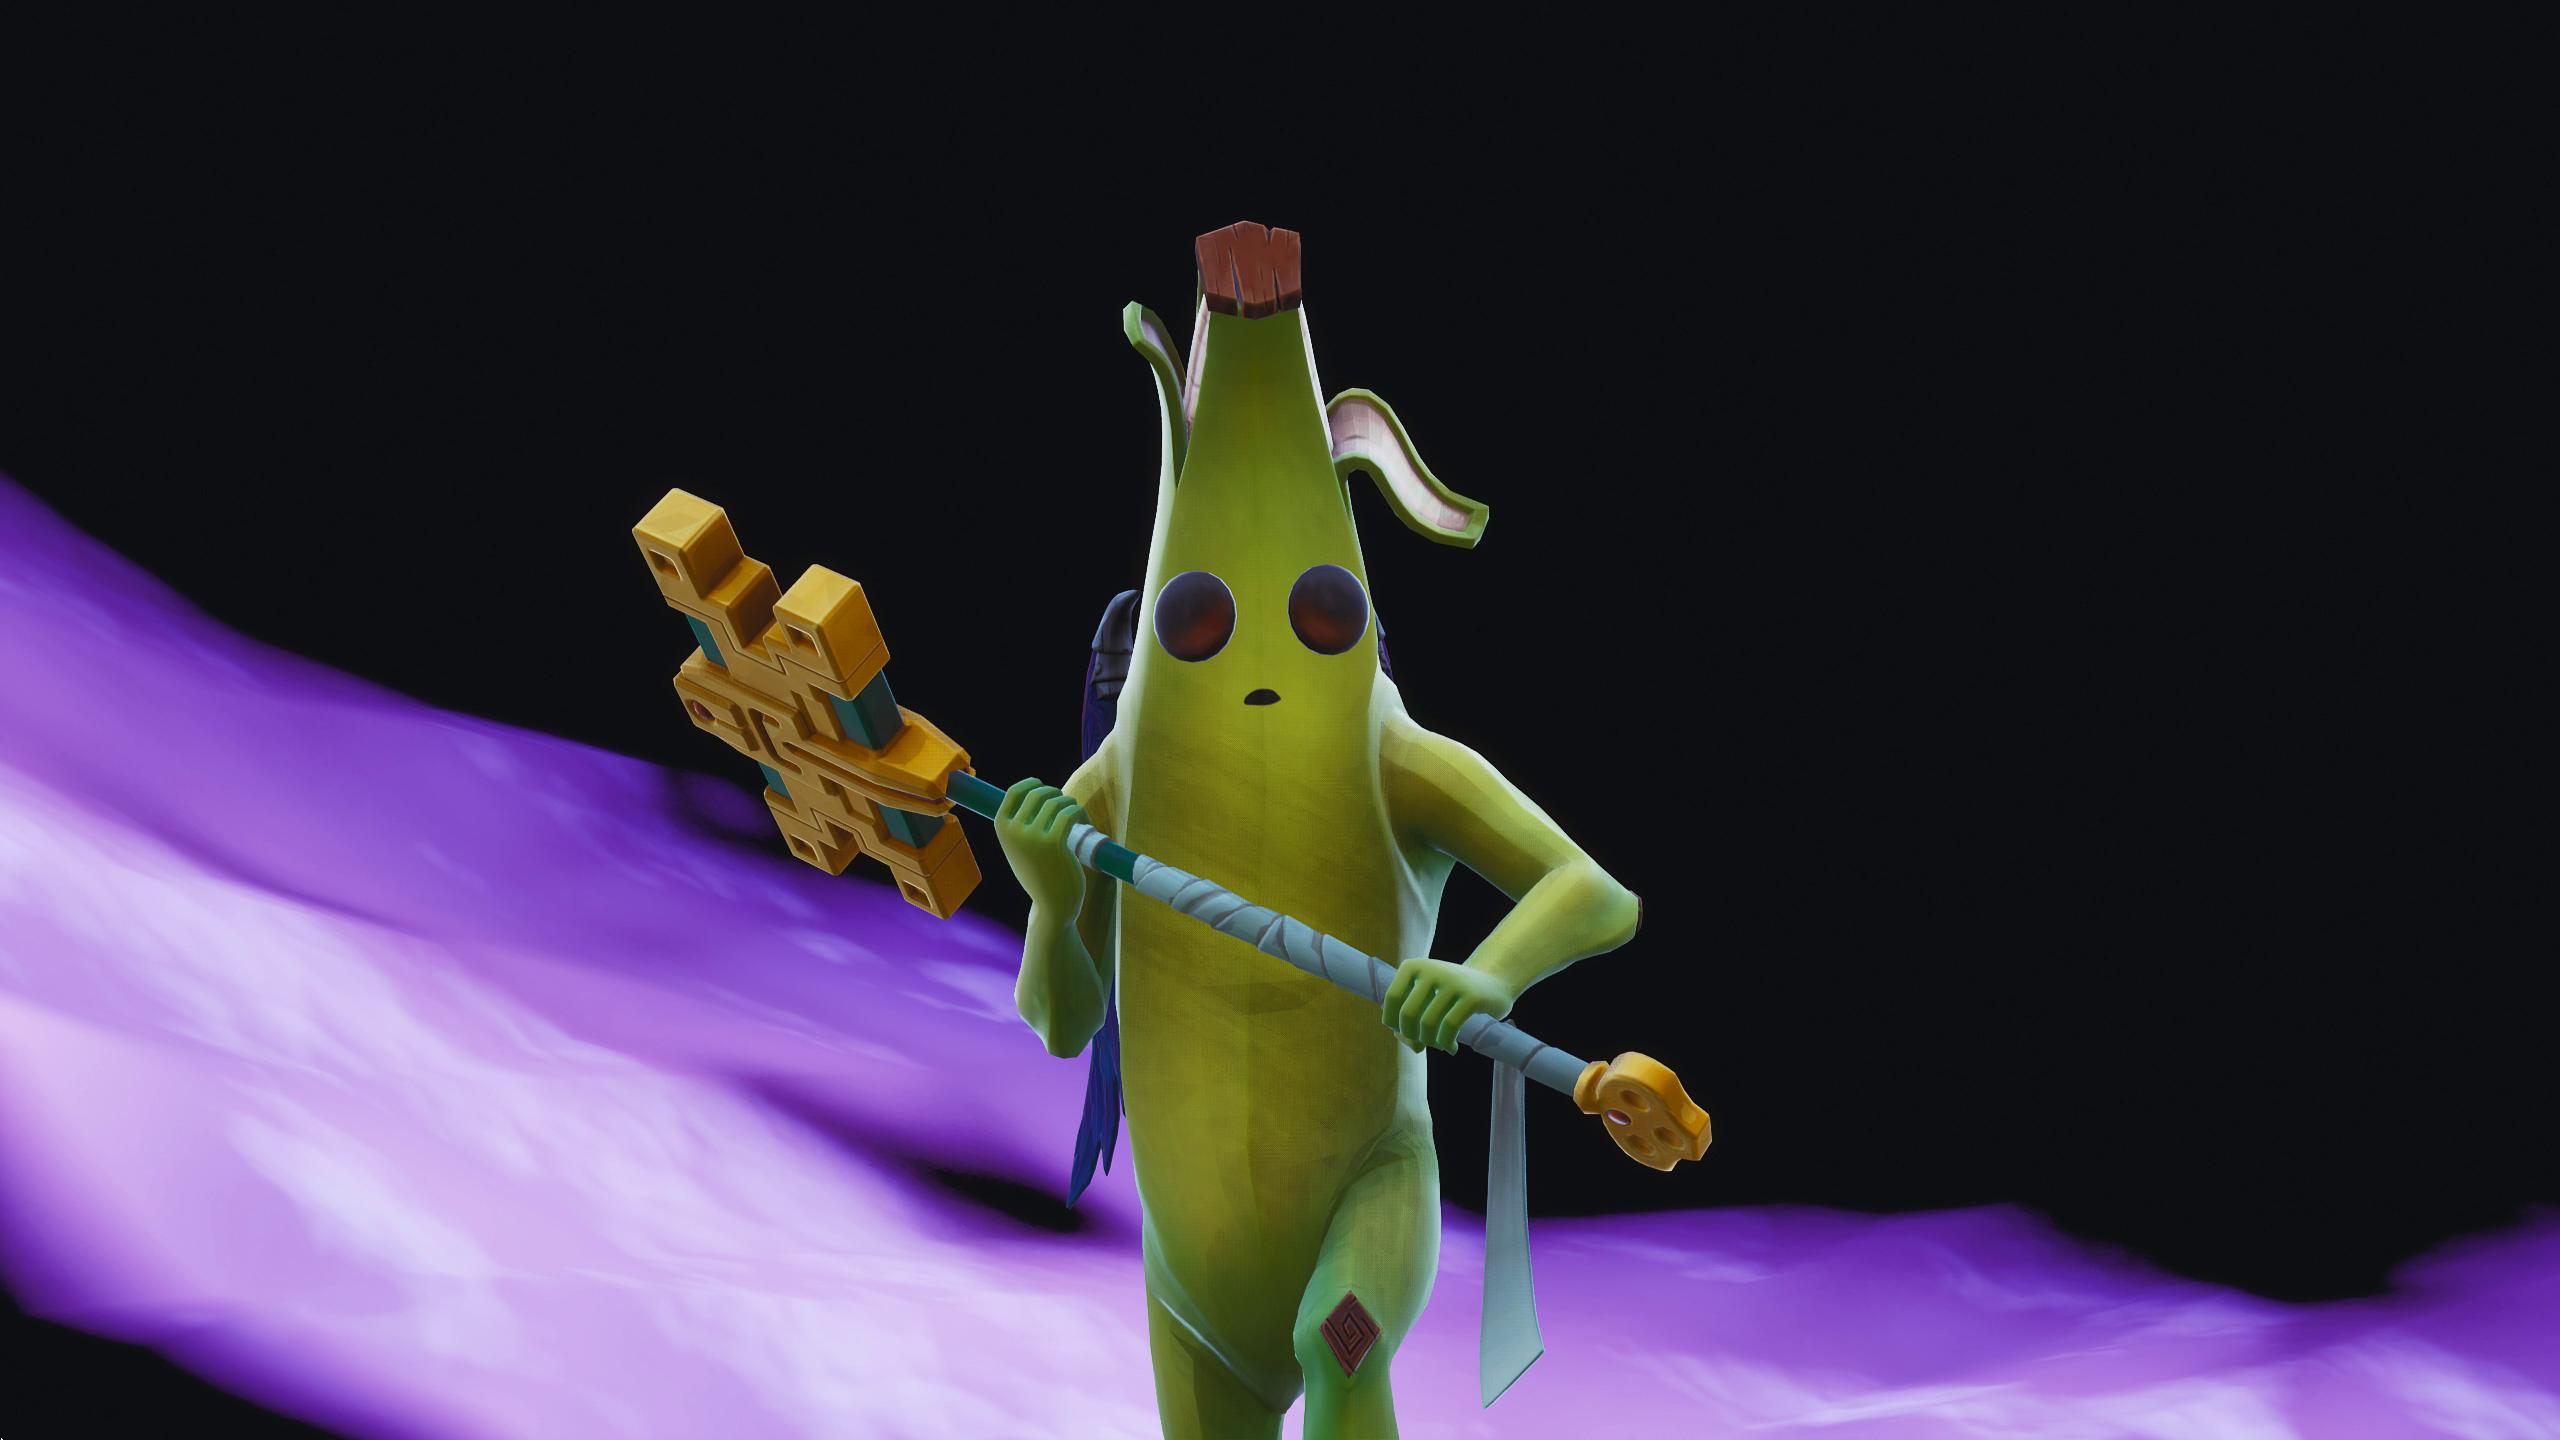 A Fortnite skin for Peely the banana